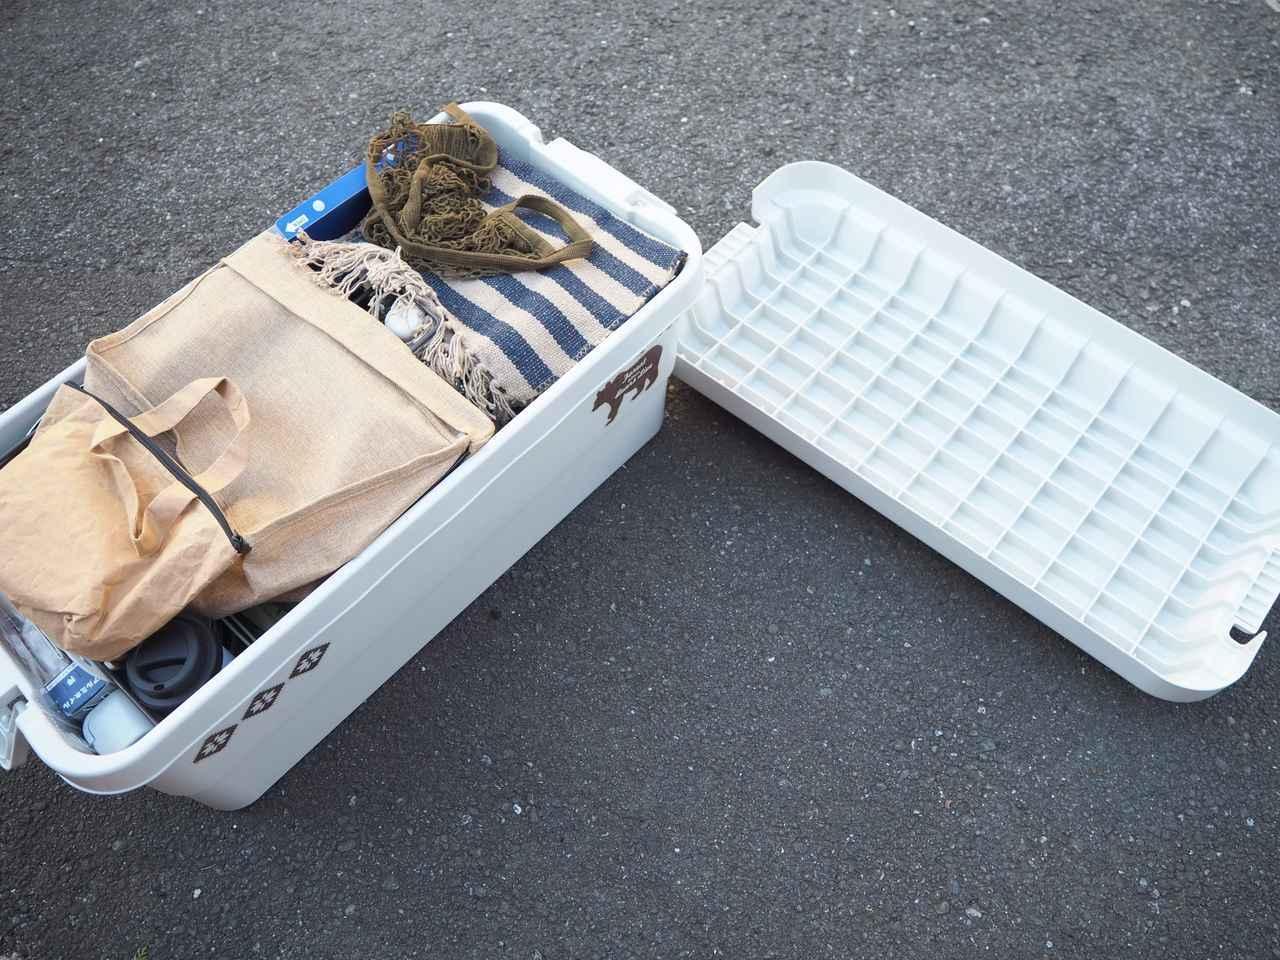 画像: キャンプ収納ボックス(コンテナ)を便利に活用! アウトドアにおすすめな便利・頑丈・大容量9選 - ハピキャン|キャンプ・アウトドア情報メディア